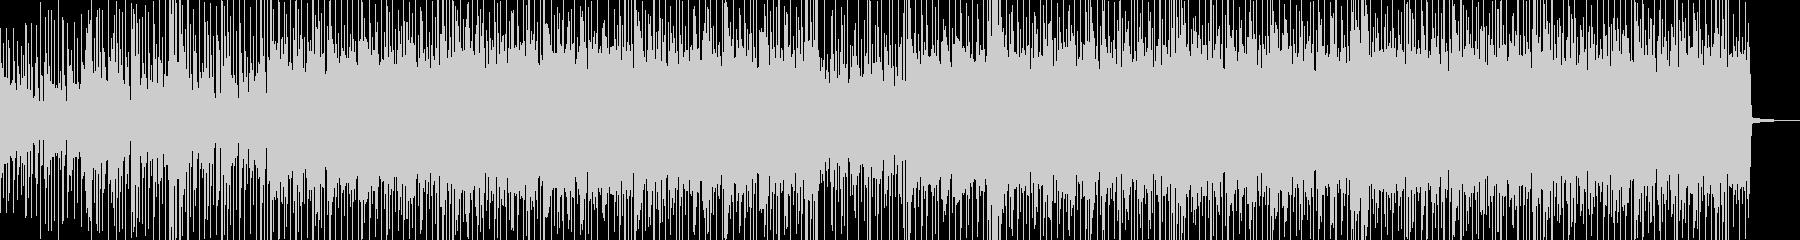 明るく弾ける感じのBGMの未再生の波形